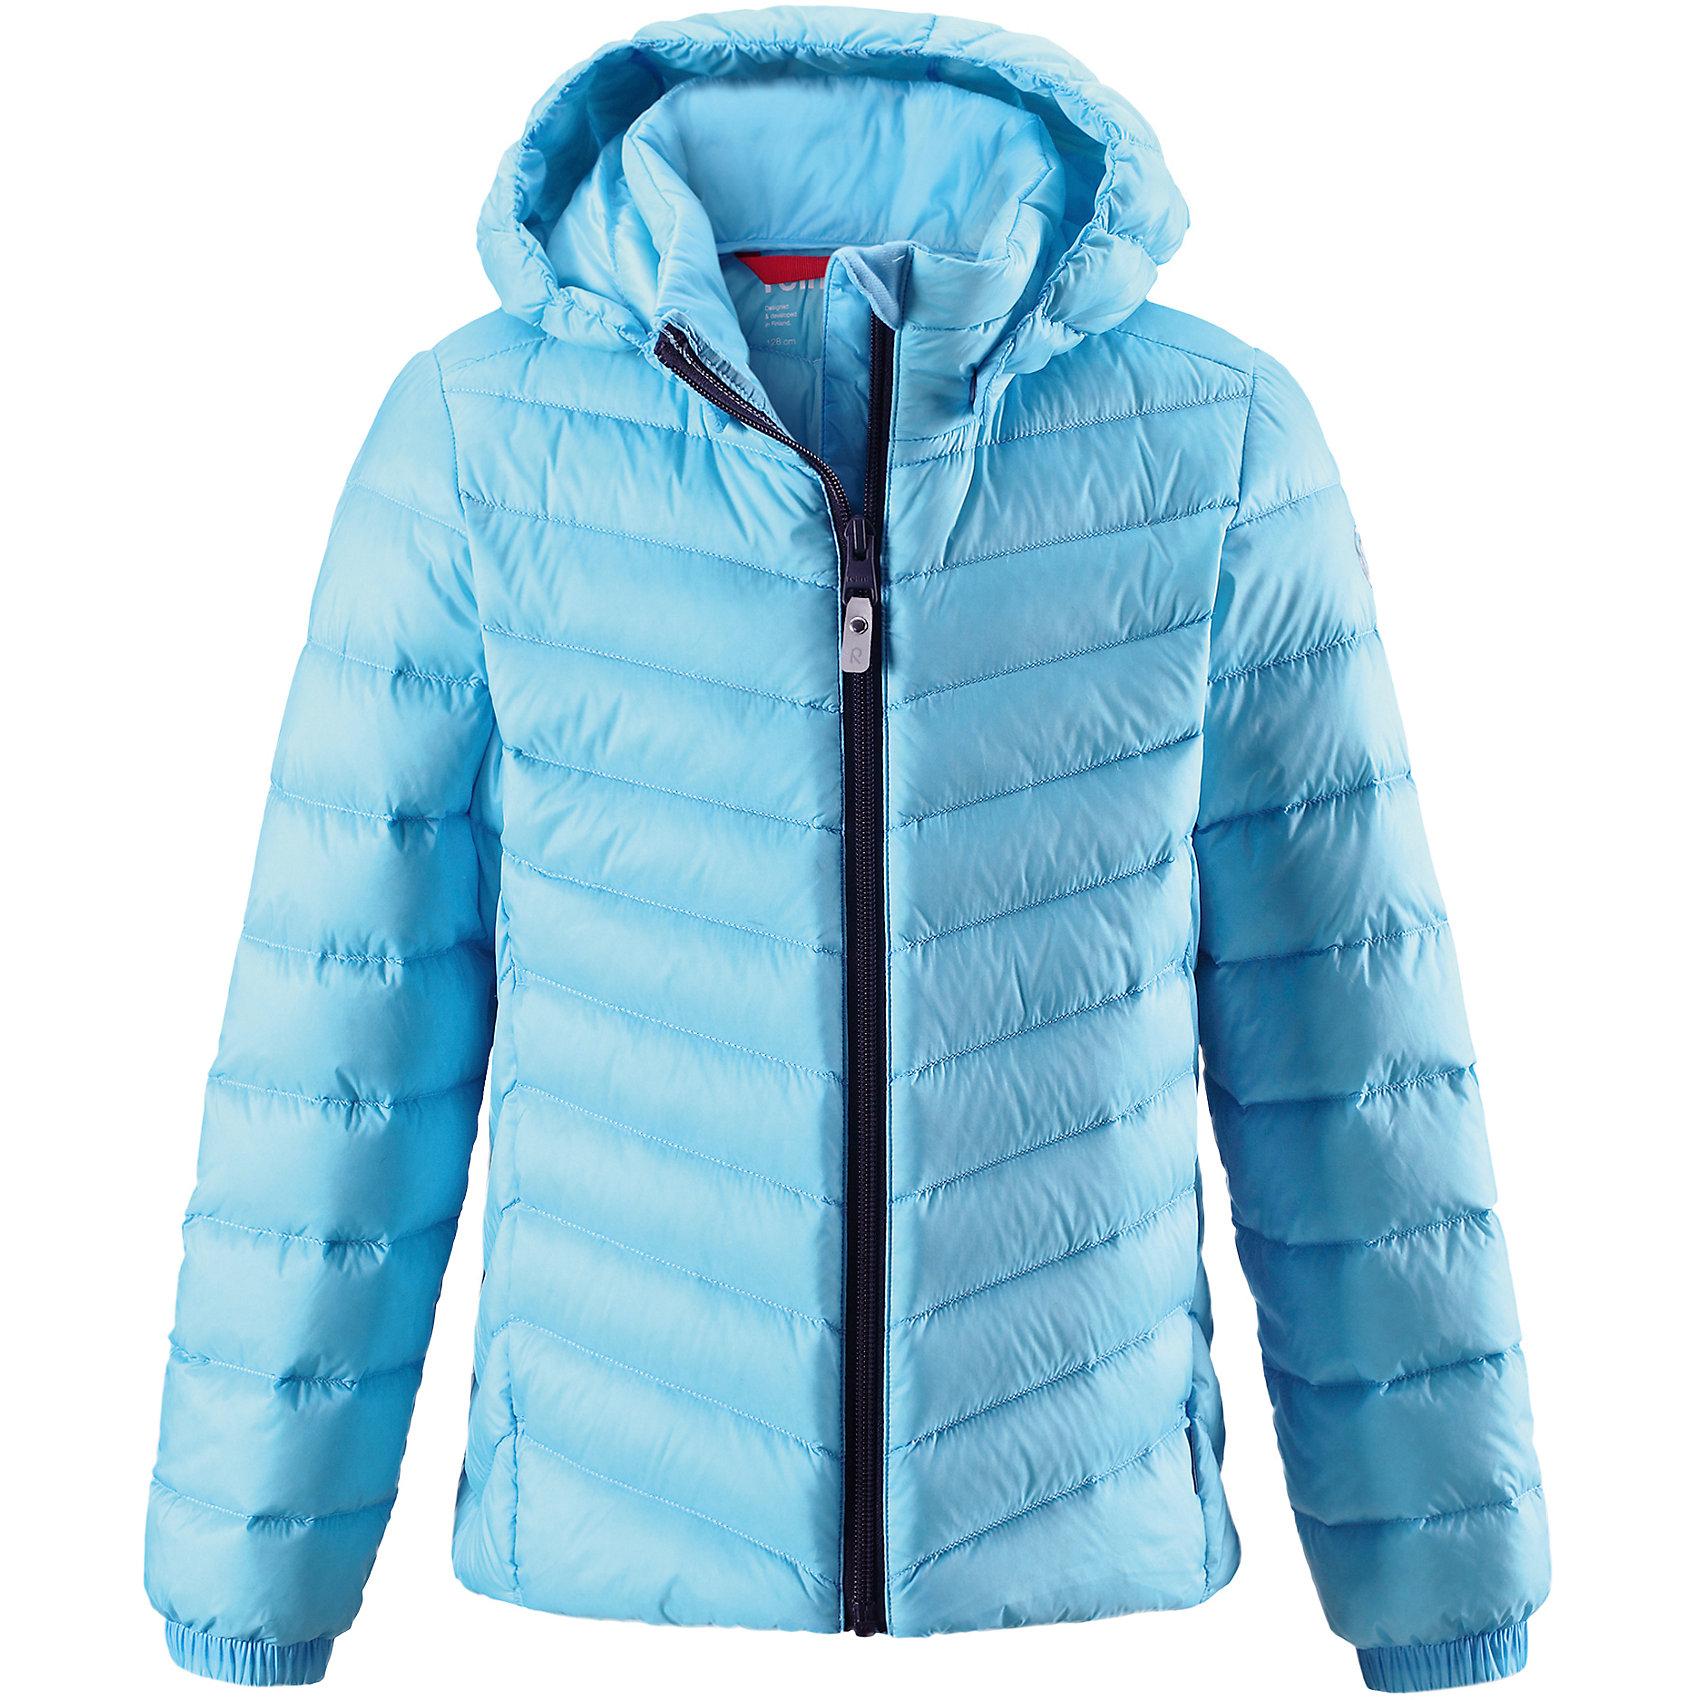 Куртка Reima Fern для девочкиОдежда<br>Характеристики товара:<br><br>• цвет: голубой;<br>• состав: 100% полиамид;<br>• подкладка: 100% полиэстер;<br>• утеплитель: 80% пух, 20% перо;<br>• сезон: зима;<br>• температурный режим: от 0 до -20С;<br>• воздухопроницаемость: 3000 мм;<br>• пуховая куртка для подростков;<br>• водоотталкивающий, ветронепроницаемый дышащий и грязеотталкивающий материал;<br>• гладкая подкладка из полиэстера;<br>• безопасный, съемный капюшон;<br>• эластичные манжеты;<br>• два боковых кармана;<br>• куртку можно хранить в специальной сумке, которая идет в комплекте;<br>• светоотражающие детали;<br>• страна бренда: Финляндия;<br>• страна изготовитель: Китай.<br><br>Куртка-пуховик для подростков сшита из водоотталкивающего, ветронепроницаемого и дышащего материала. Благодаря гладкой подкладке, куртка легко надевается, а удобная двусторонняя молния превратит одевание в веселую игру. Эластичный край подола и поясок на спинке придают этой стильной удлиненной куртке красивый силуэт. <br>Куртка снабжена безопасным съемным капюшоном. Обратите внимание на удобную петельку, спрятанную в кармане с клапаном – к ней можно прикрепить любимый светоотражатель ребенка для обеспечения лучшей видимости. В комплекте с курткой идет отдельная сумка для ее хранения. Роскошная, модная, легкая и теплая куртка станет отличным вариантом и для игр во дворе, и для прогулок по городу.<br><br>Куртку Fern для девочки Reima от финского бренда Reima (Рейма) можно купить в нашем интернет-магазине.<br><br>Ширина мм: 356<br>Глубина мм: 10<br>Высота мм: 245<br>Вес г: 519<br>Цвет: синий<br>Возраст от месяцев: 156<br>Возраст до месяцев: 168<br>Пол: Женский<br>Возраст: Детский<br>Размер: 134,140,146,152,158,164,104,110,116,122,128<br>SKU: 6902944